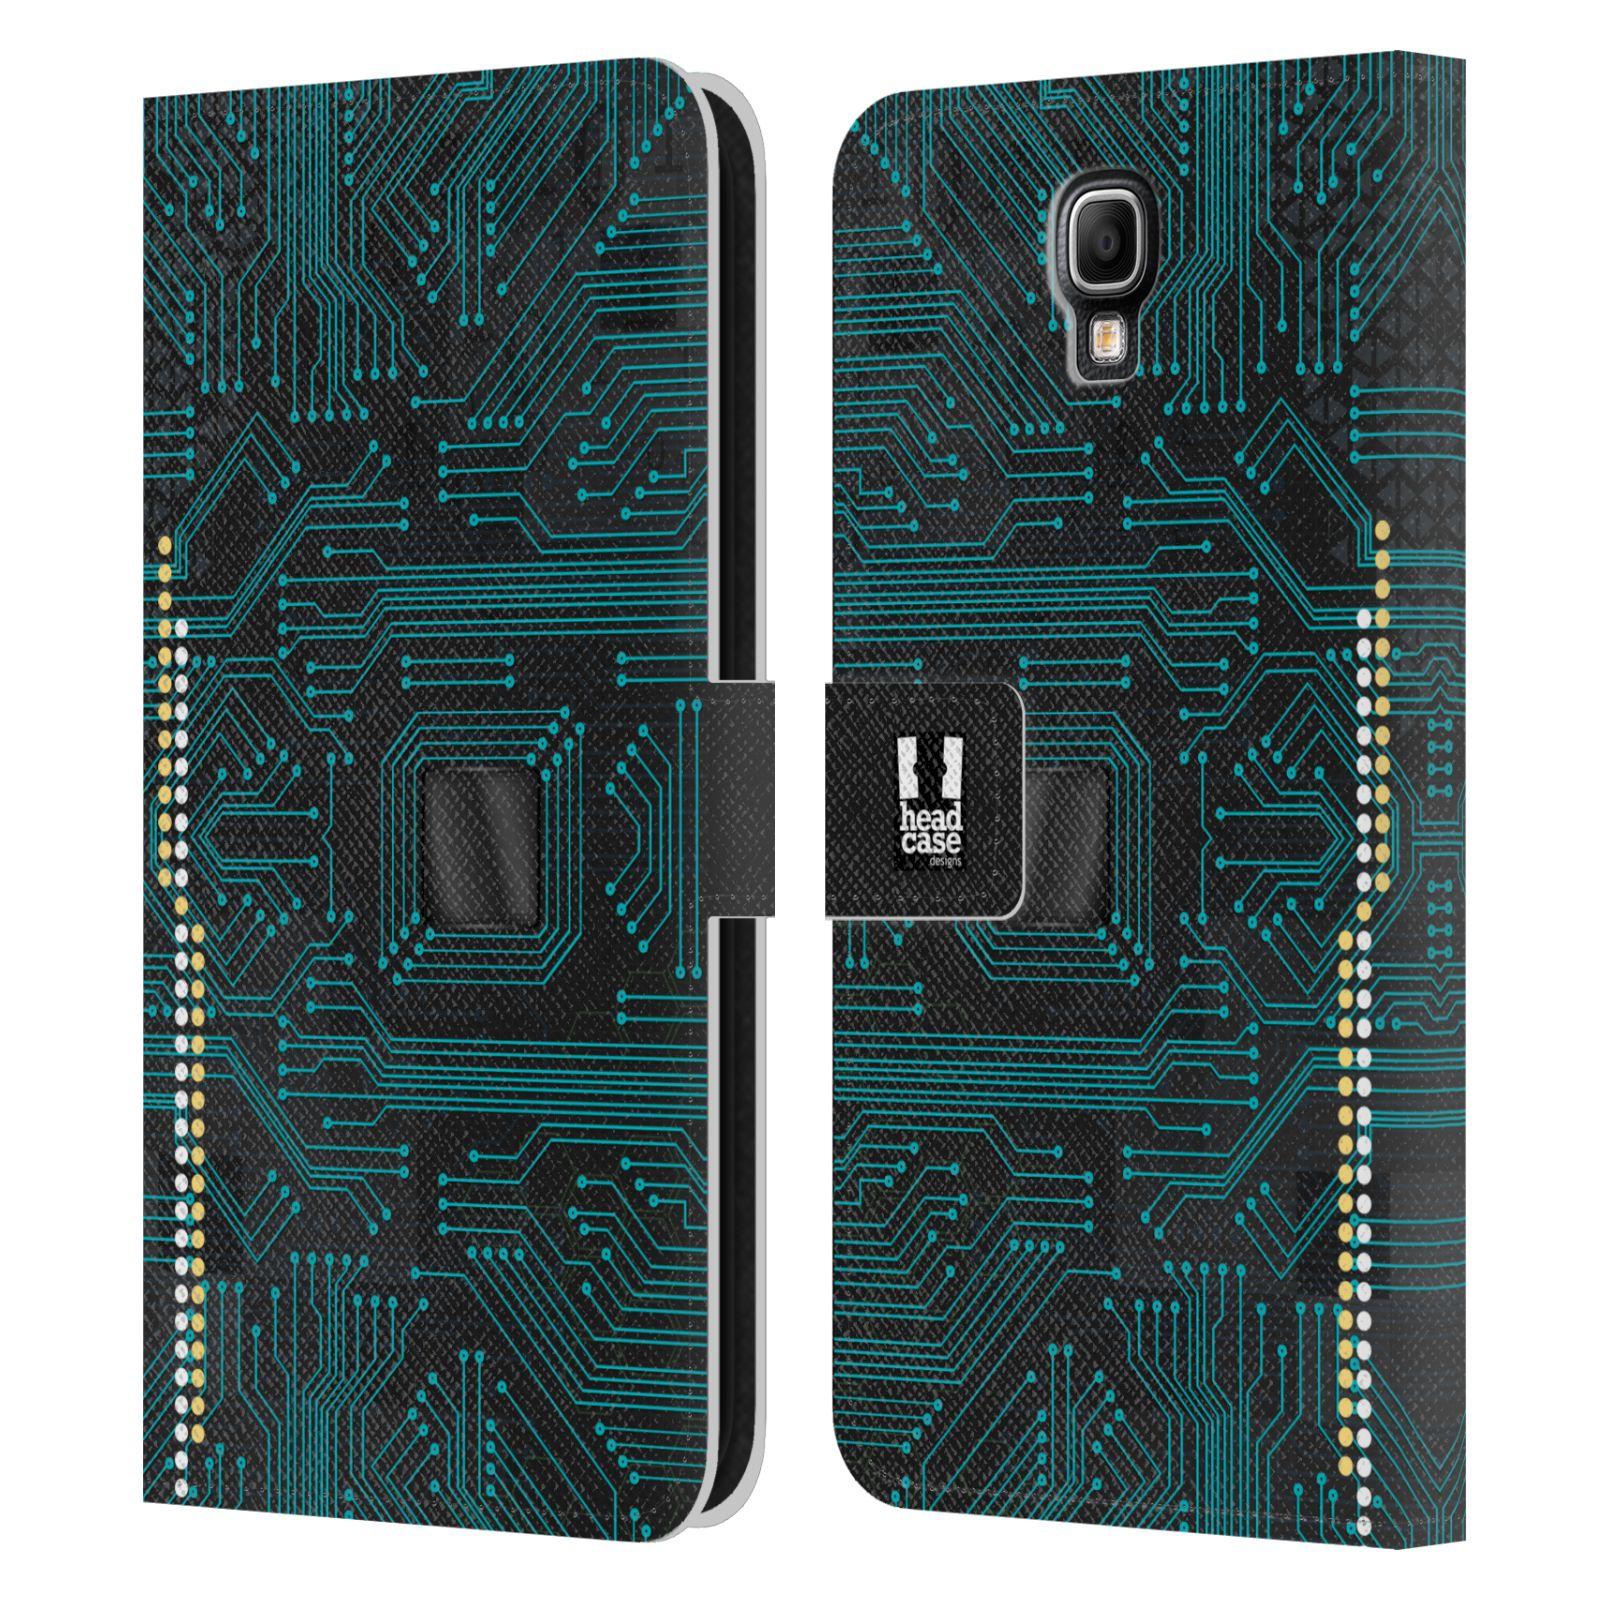 HEAD CASE Flipové pouzdro pro mobil Samsung Galaxy Note 3 NEO (N7505) počítač základní deska modrá barva